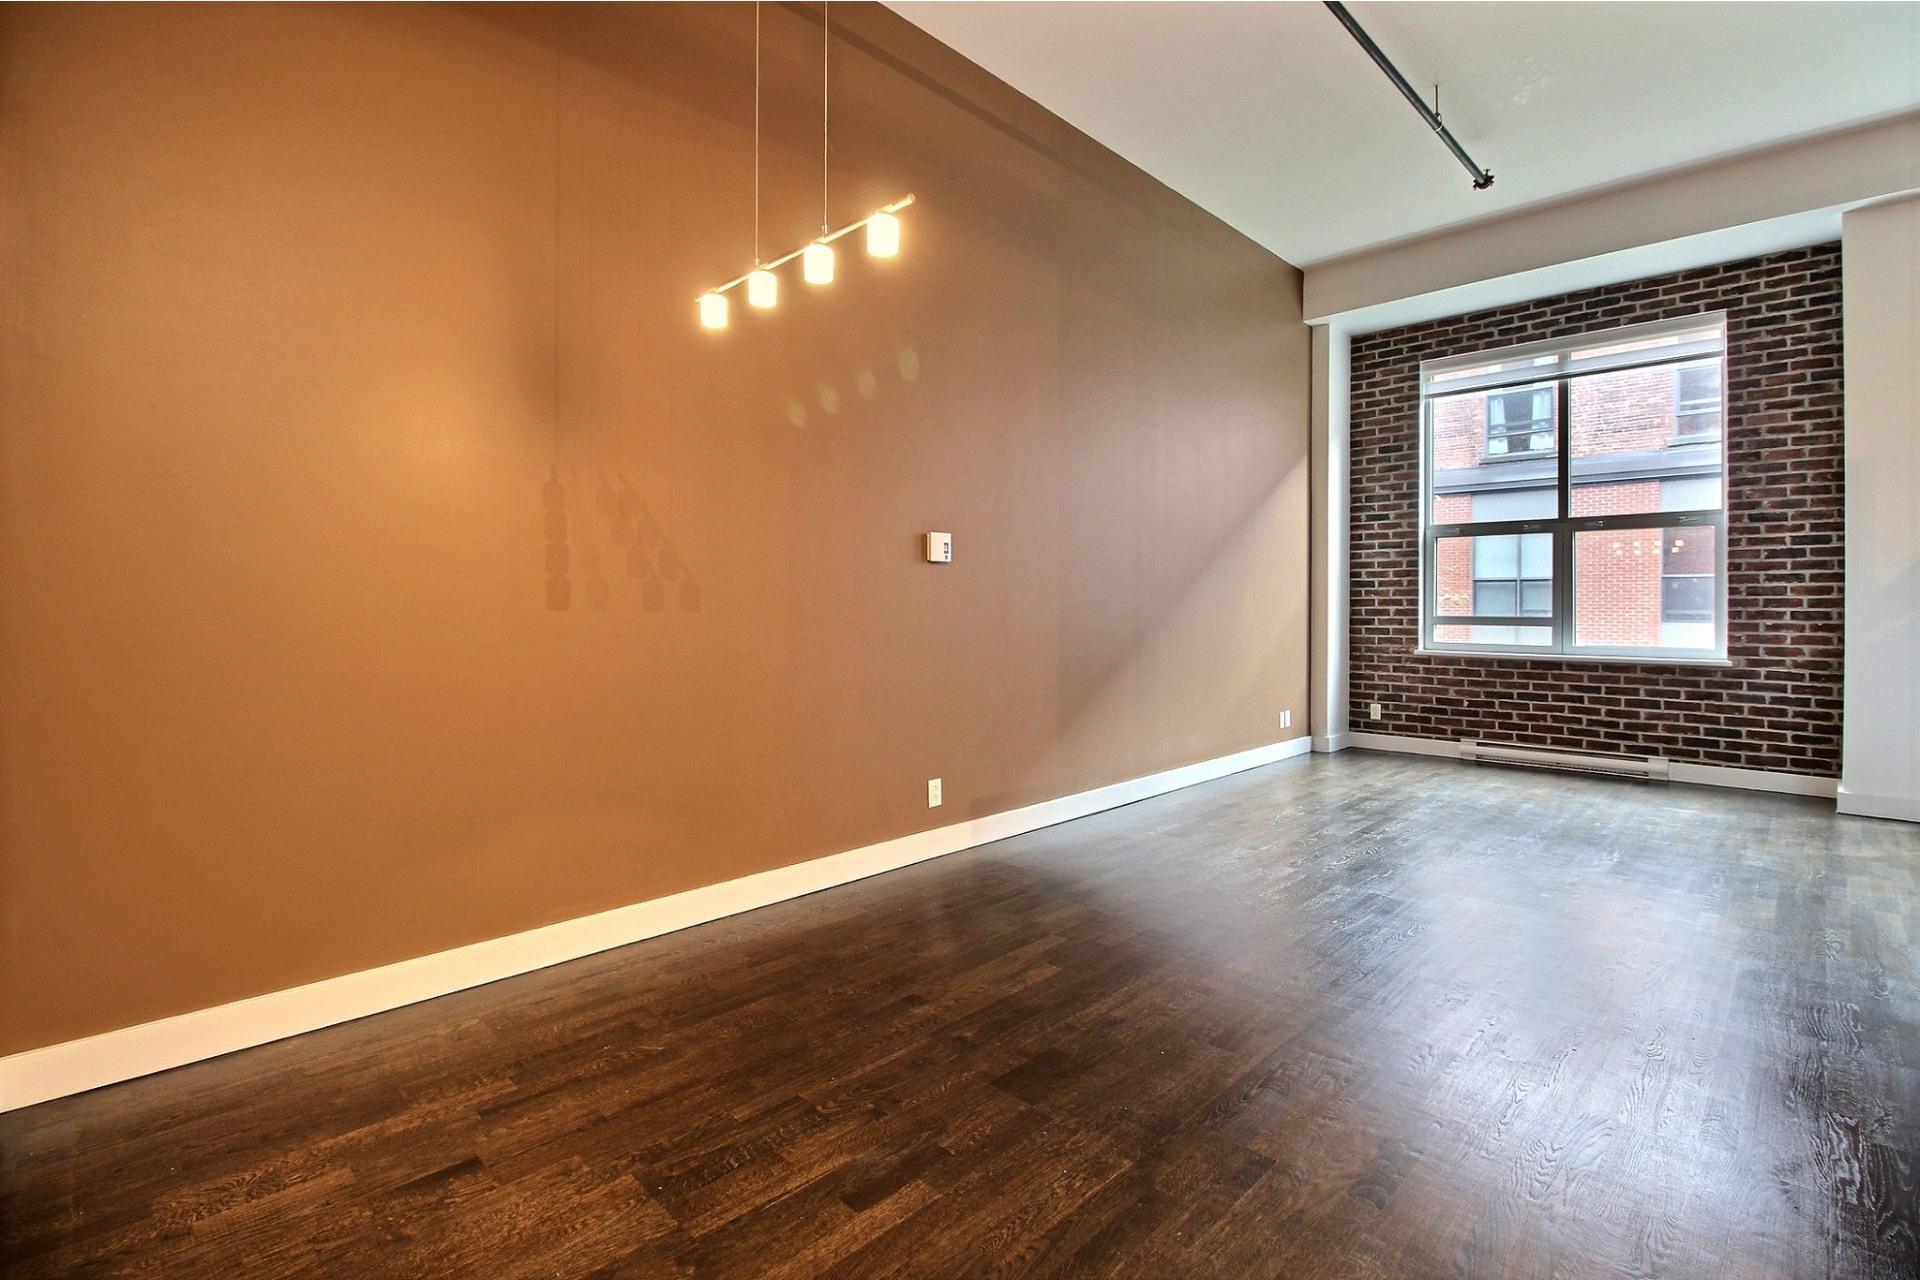 image 5 - Appartement À louer Mercier/Hochelaga-Maisonneuve Montréal  - 6 pièces